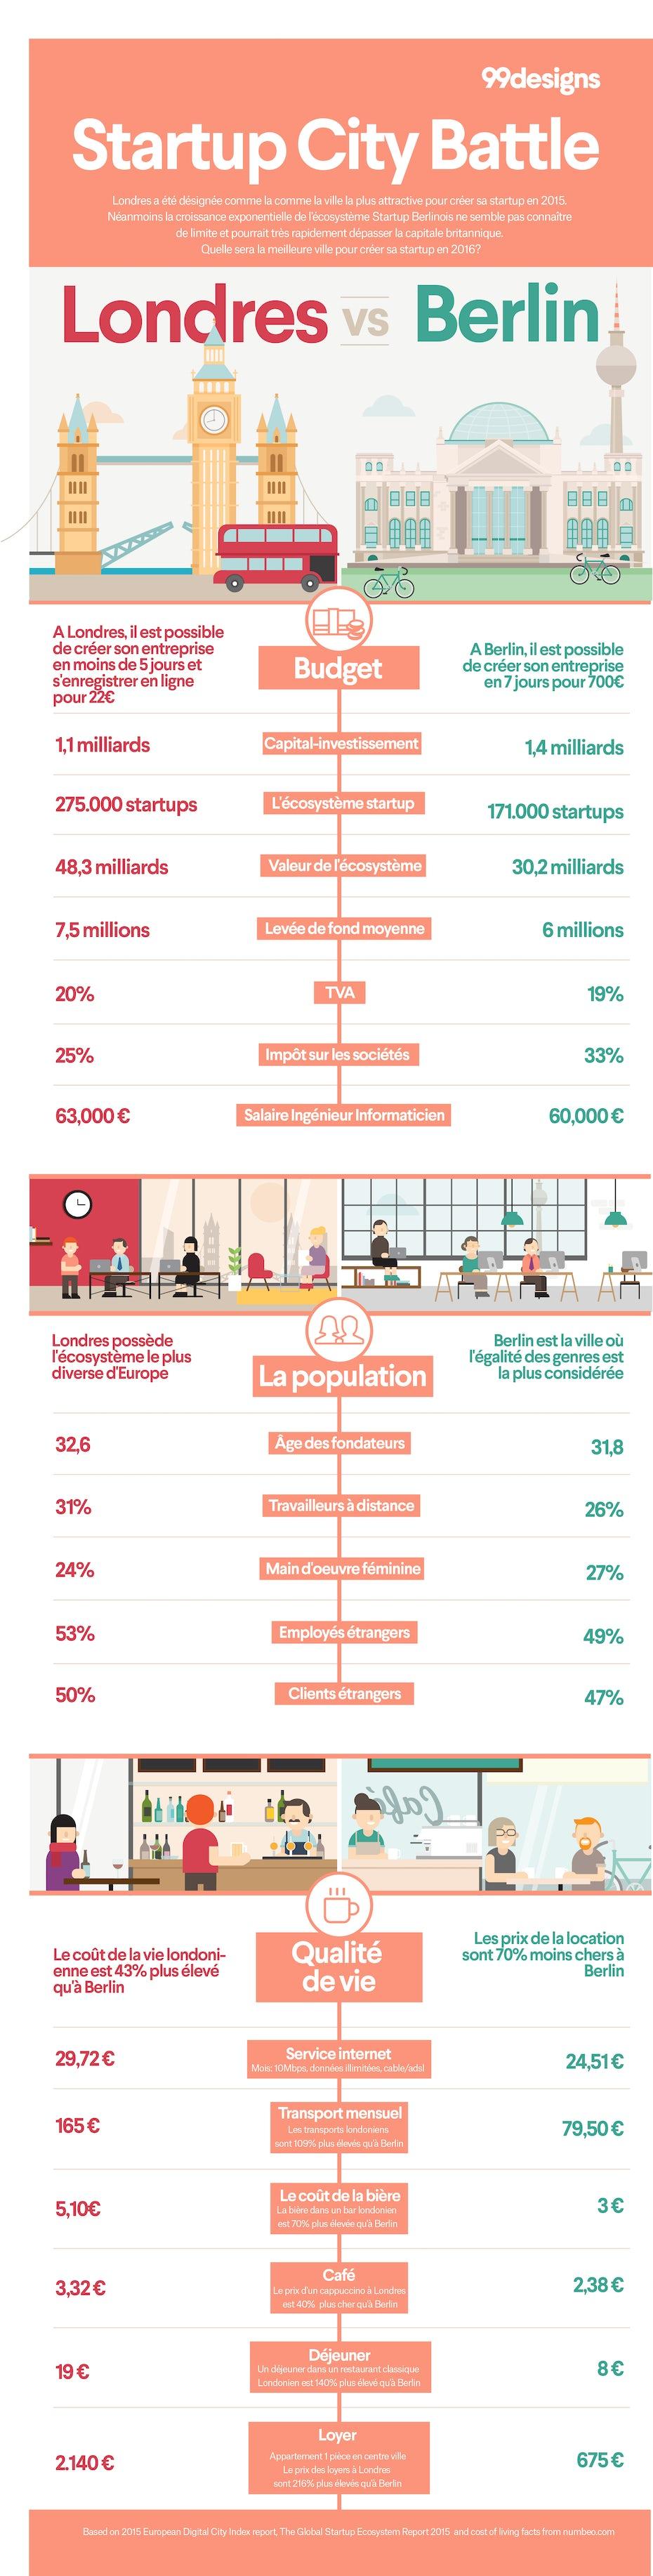 Où créer sa startup en 2016?